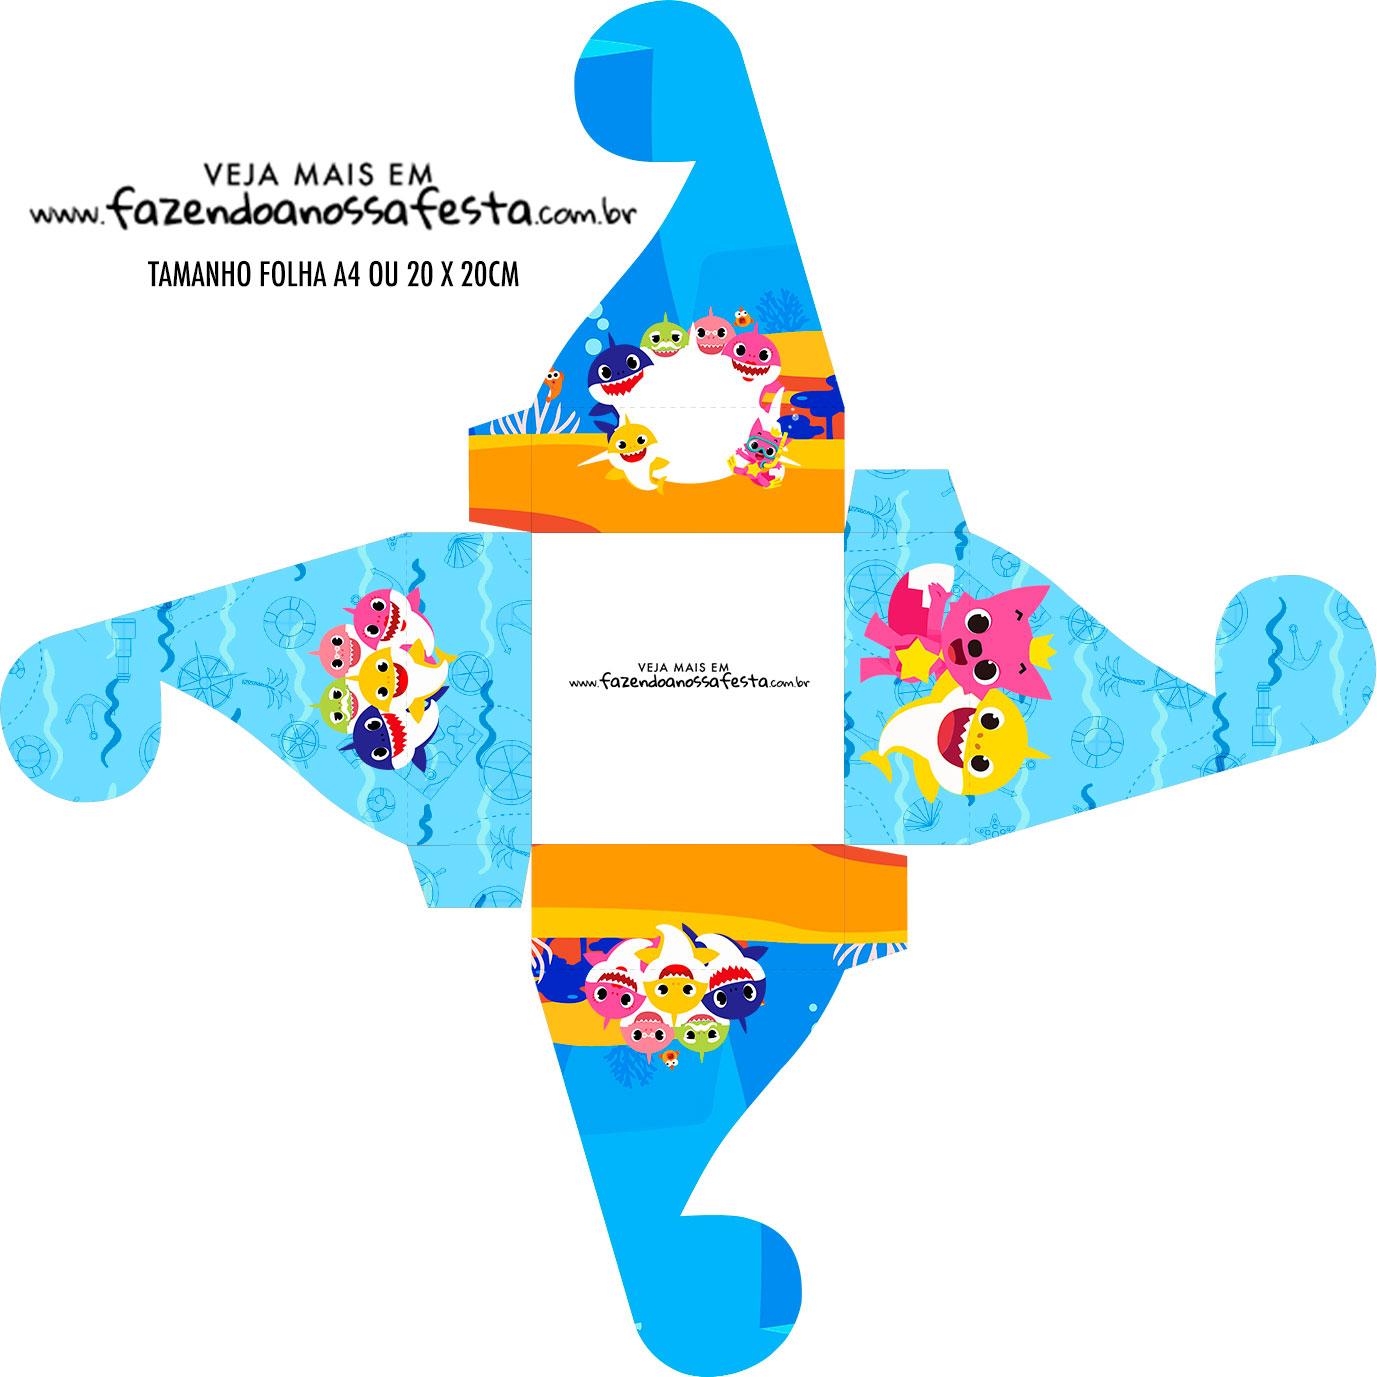 Caixa bombom personalizada Baby Shark